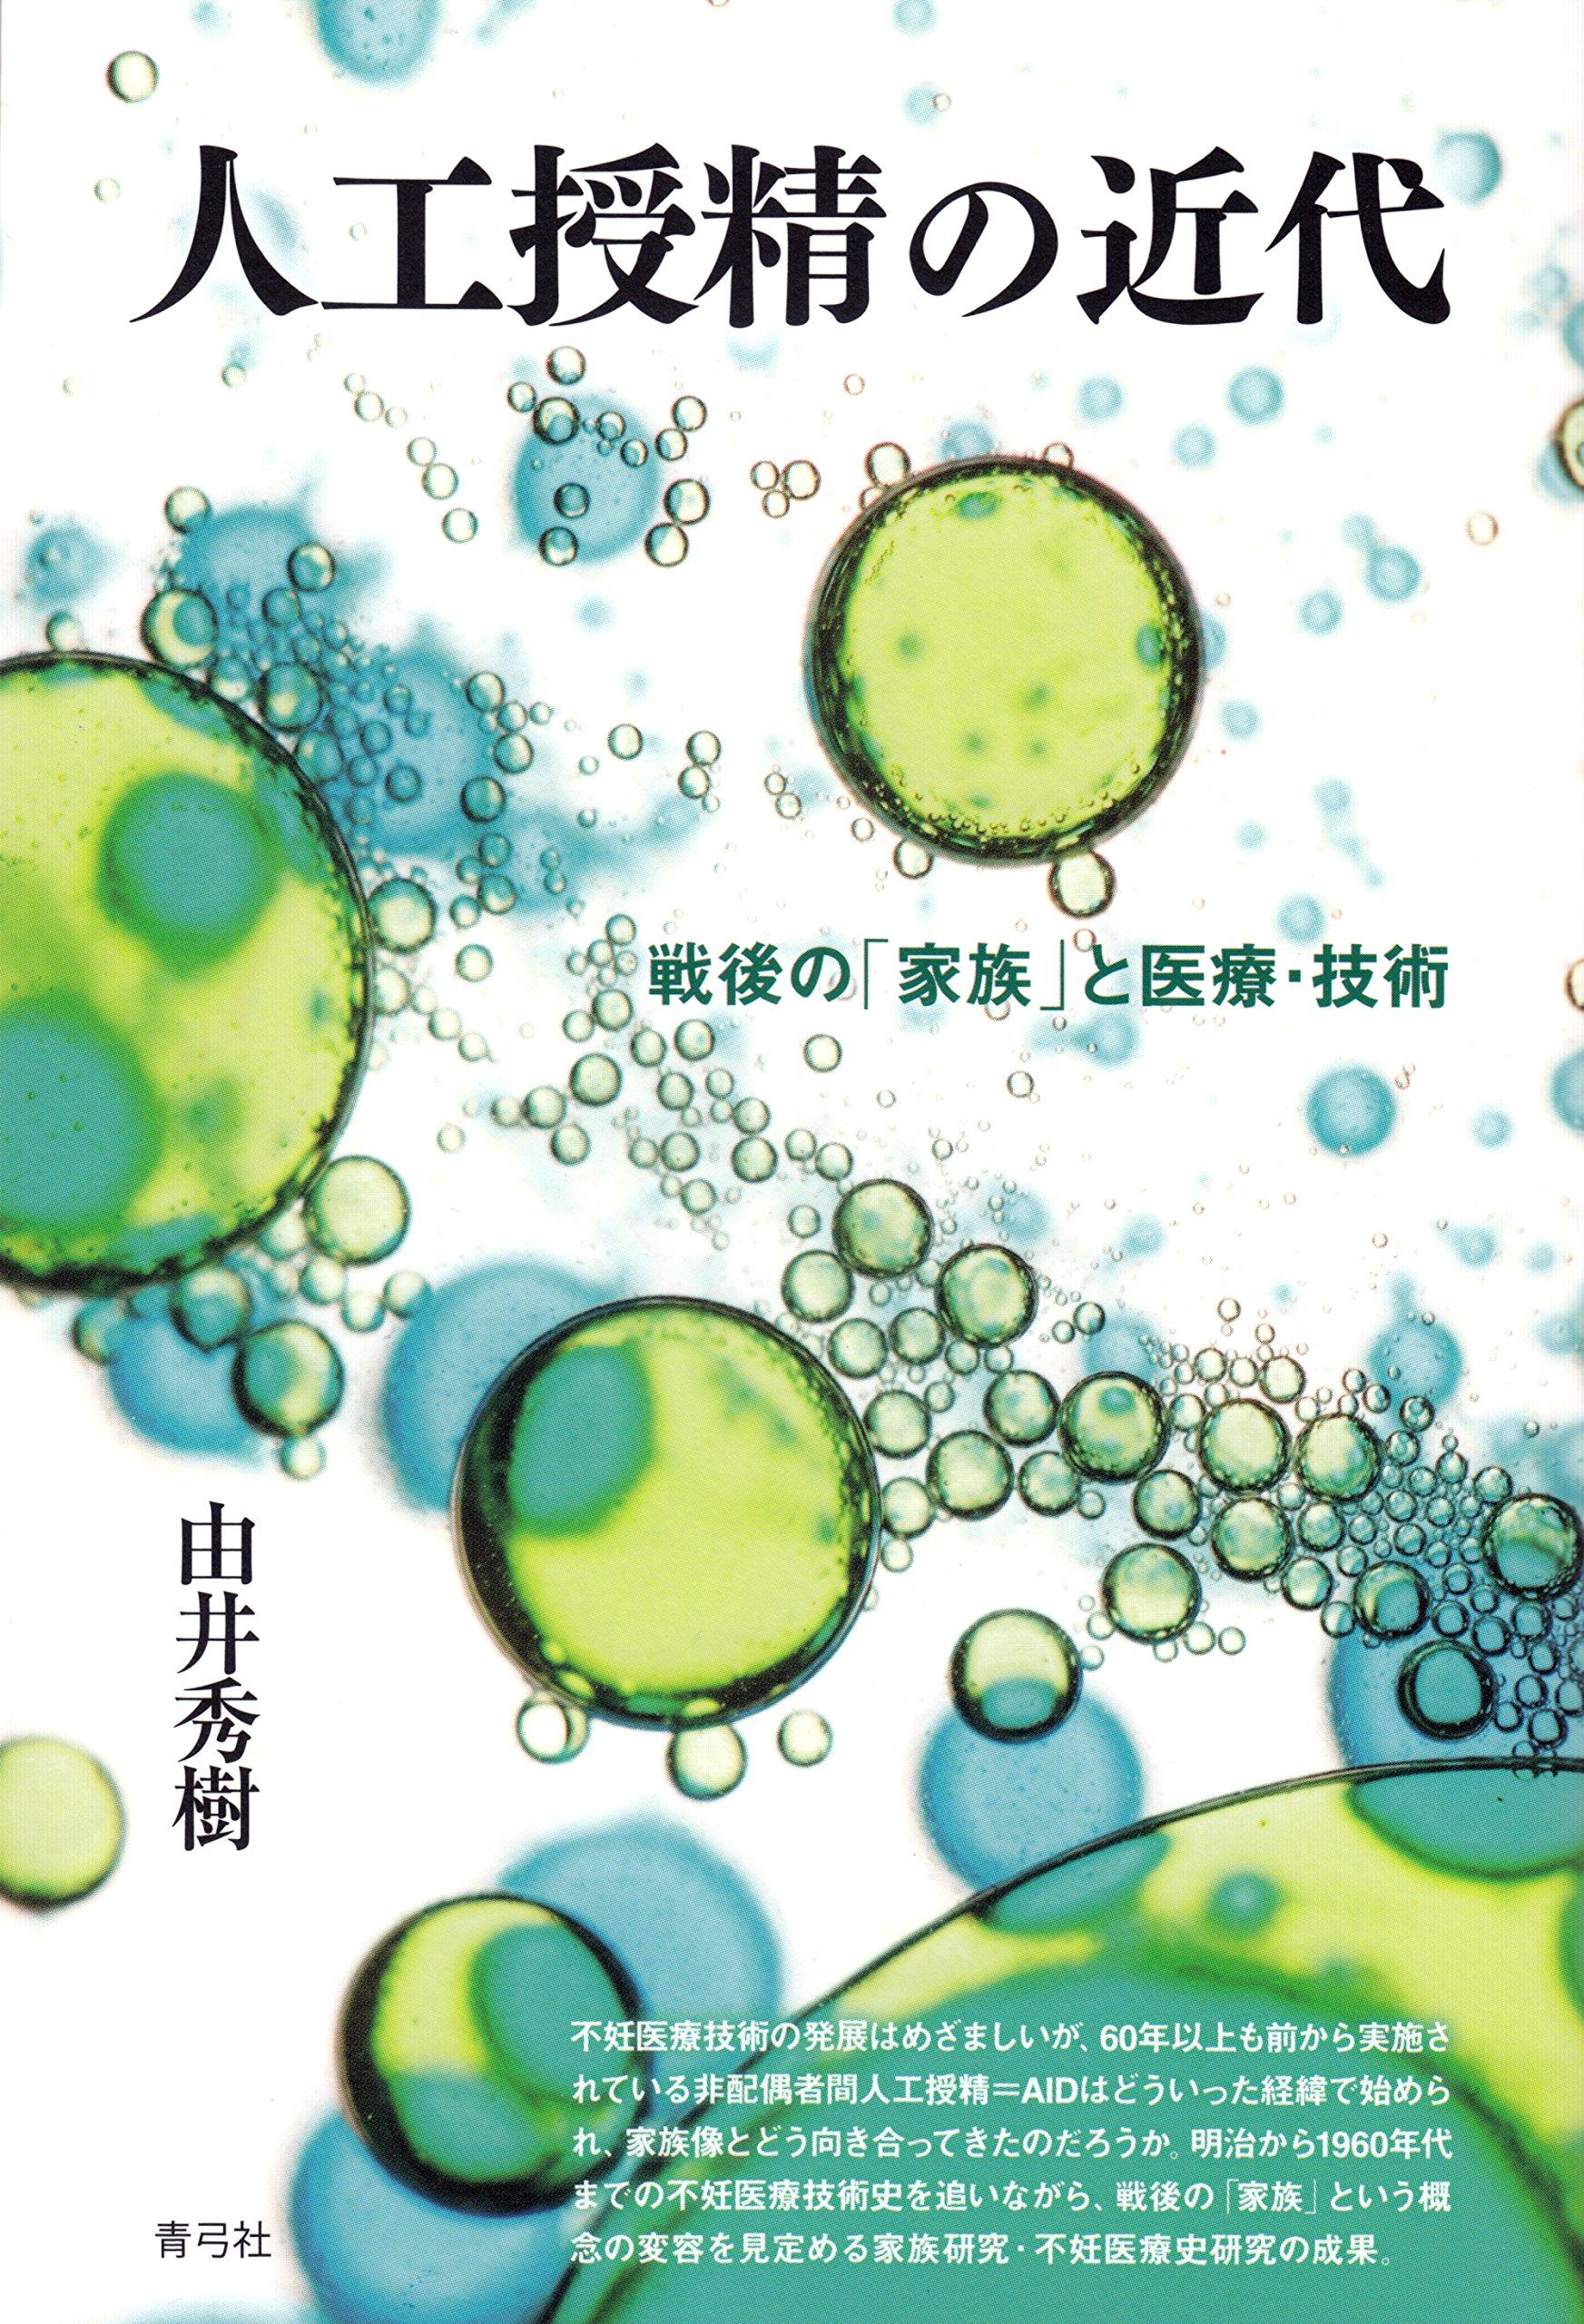 由井秀樹『人工授精の近代: 戦後の「家族」と医療・技術』